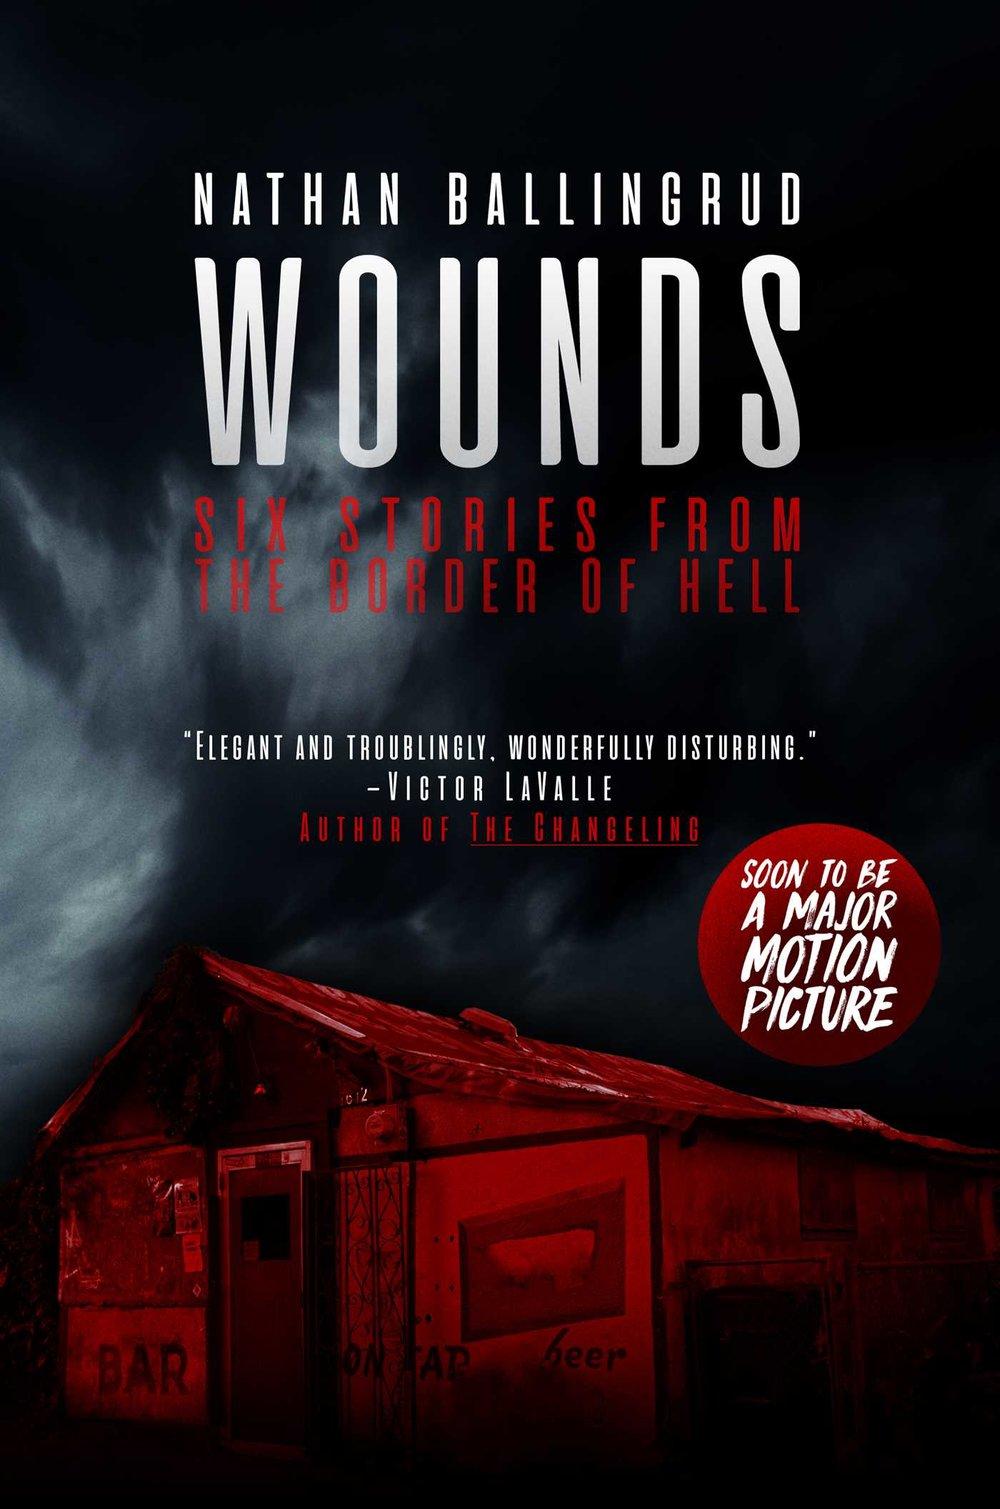 Wounds_Nathan Ballingrud.jpg